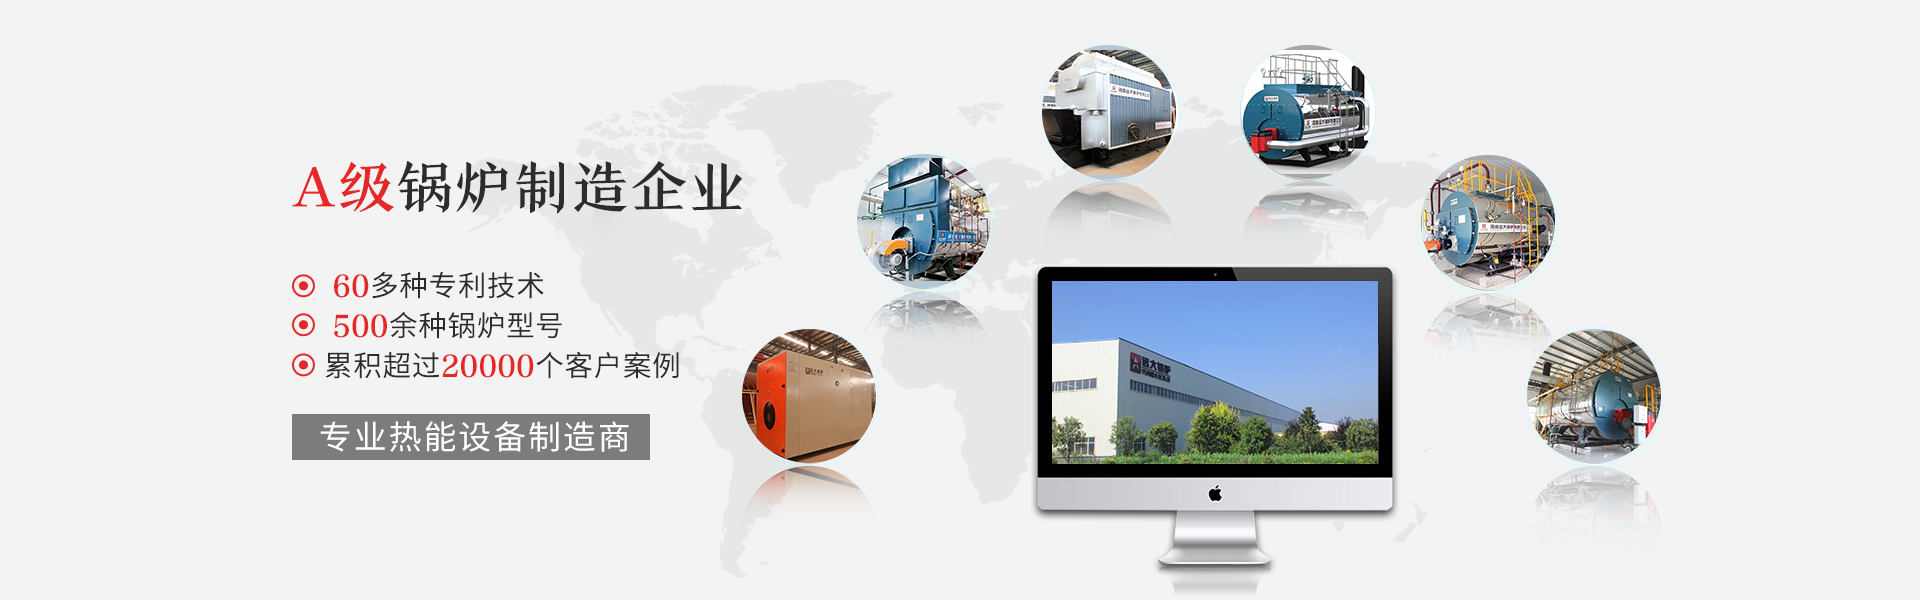 燃气尊龙官网使用访问zd207生产厂家